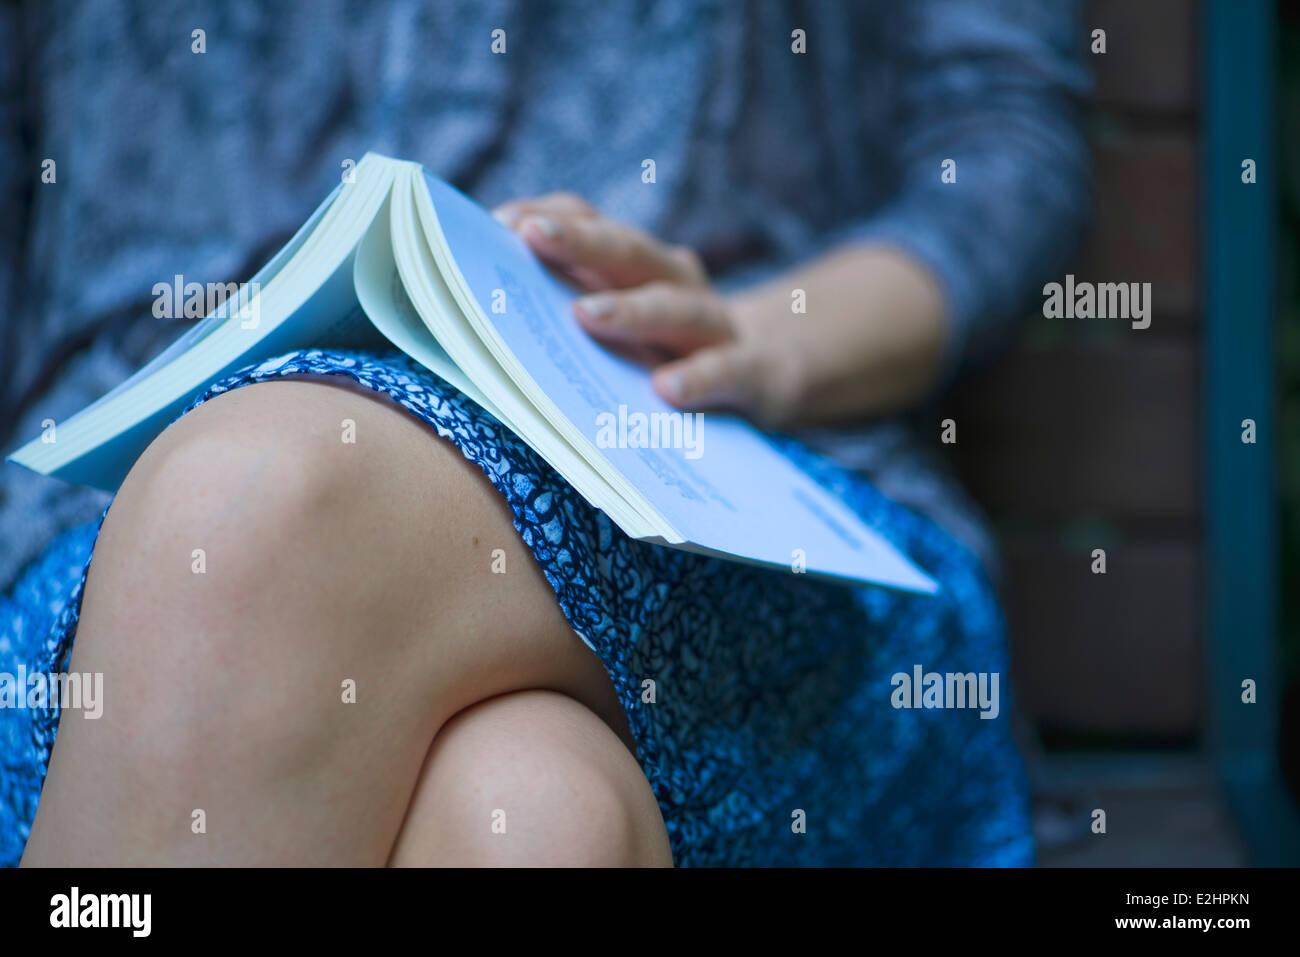 Femme assise avec livre ouvert reposant sur les genoux, cropped Photo Stock